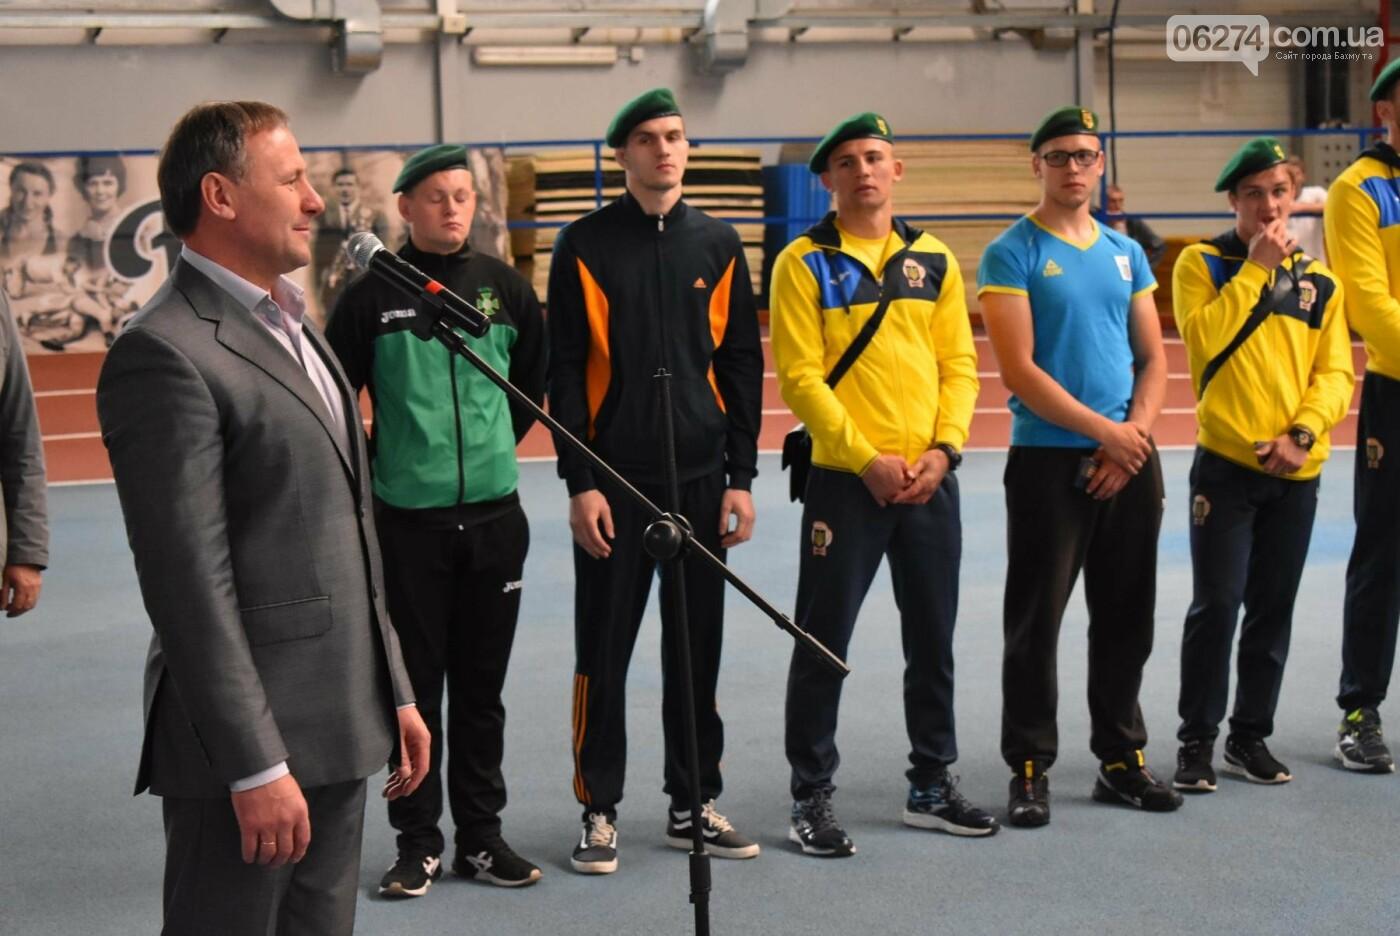 В Бахмуте презентовали спортсменов-олимпийцев Государственной пограничной службы Украины, фото-4